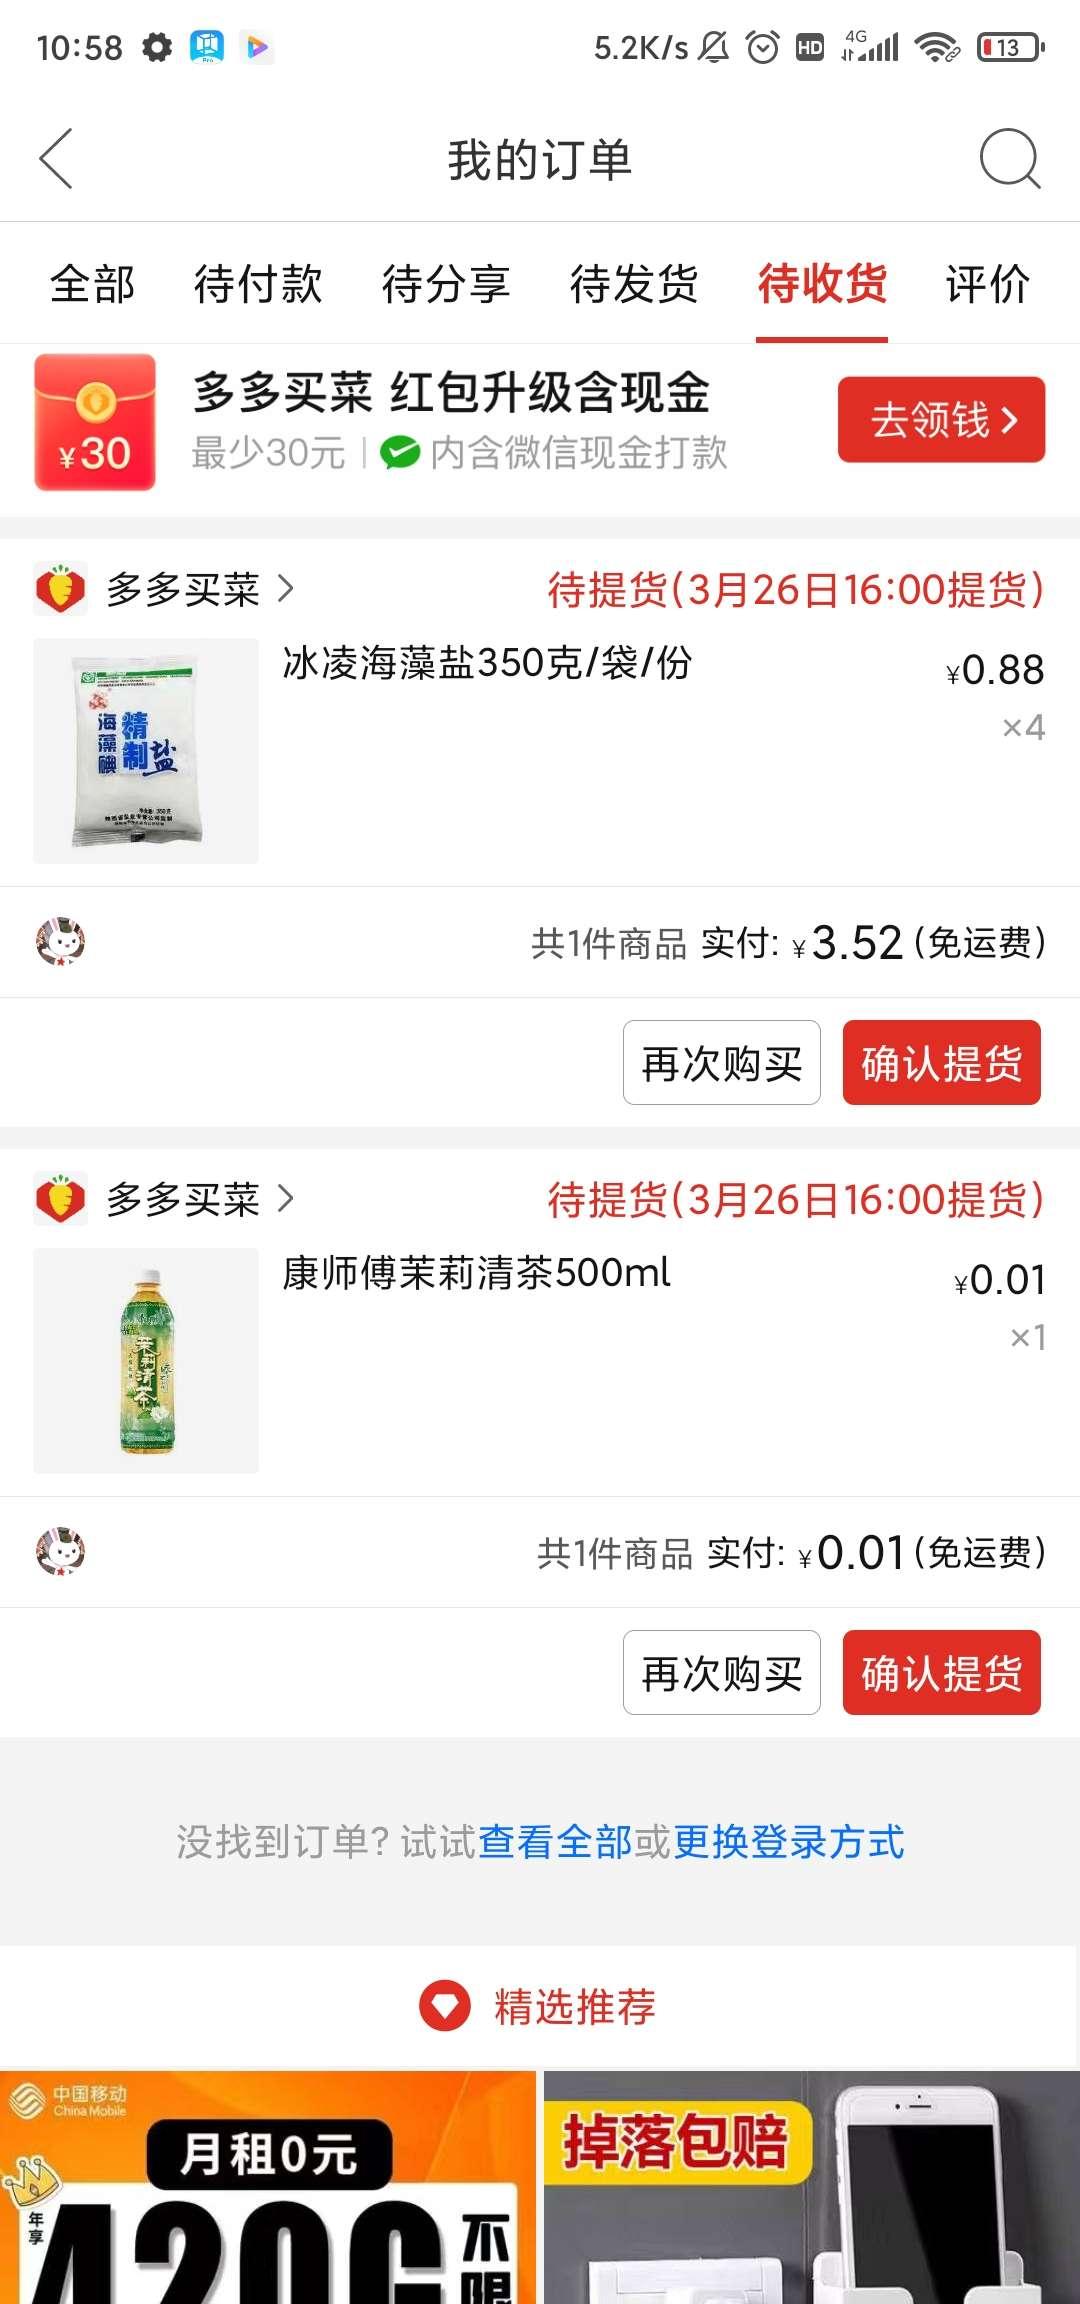 多多买菜0.01买冰红茶